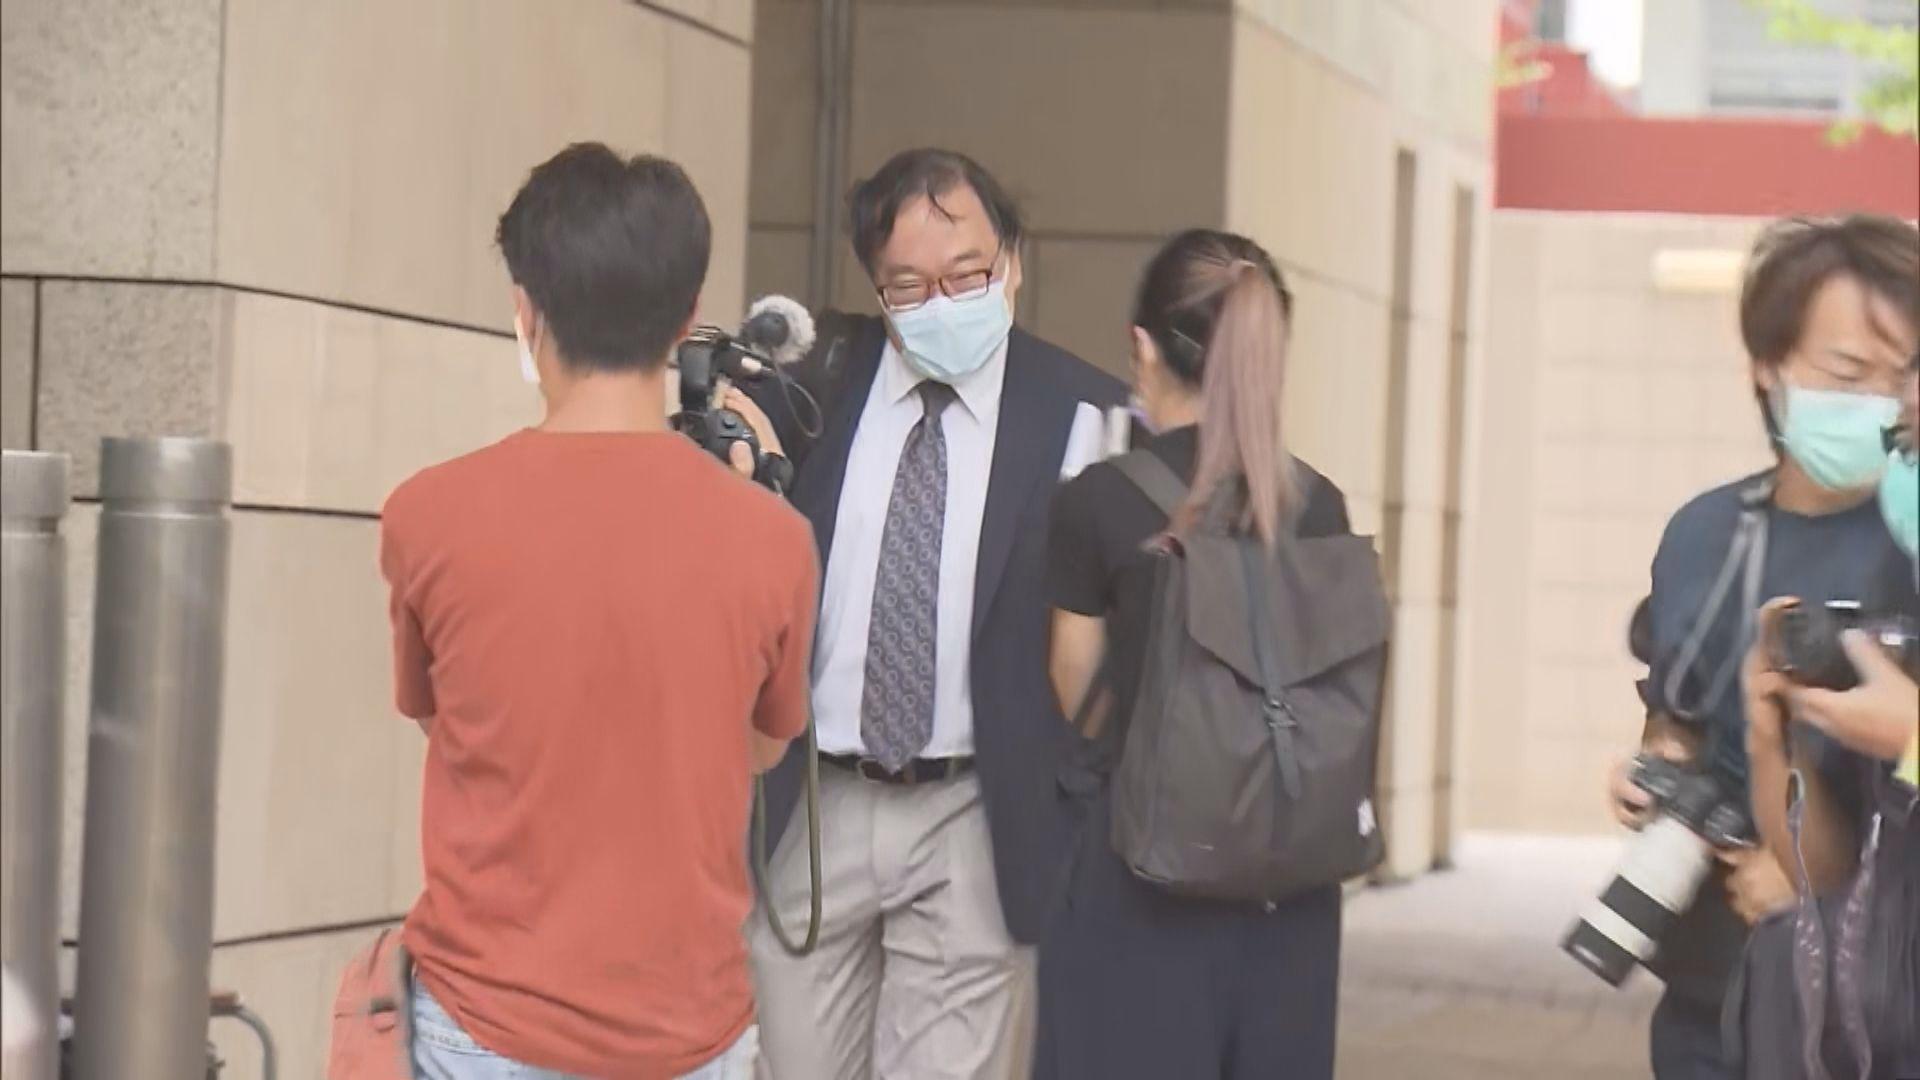 陳彥霖死因研訊 資深法醫馬宣立指遺體全裸是很大疑點